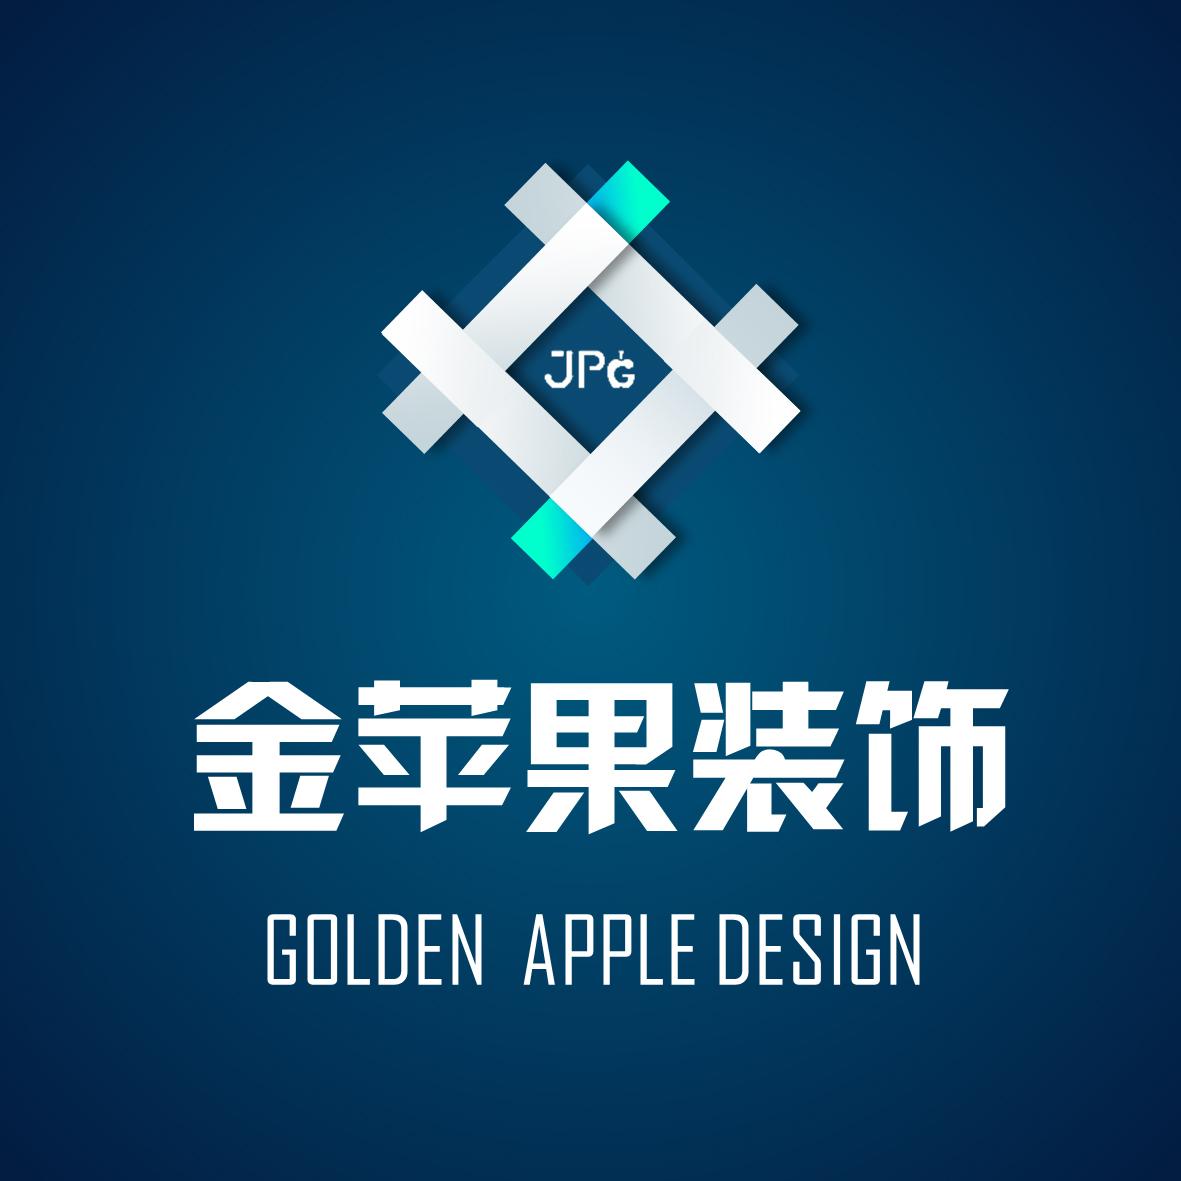 青岛金苹果装饰工程有限公司 - 青岛装修公司